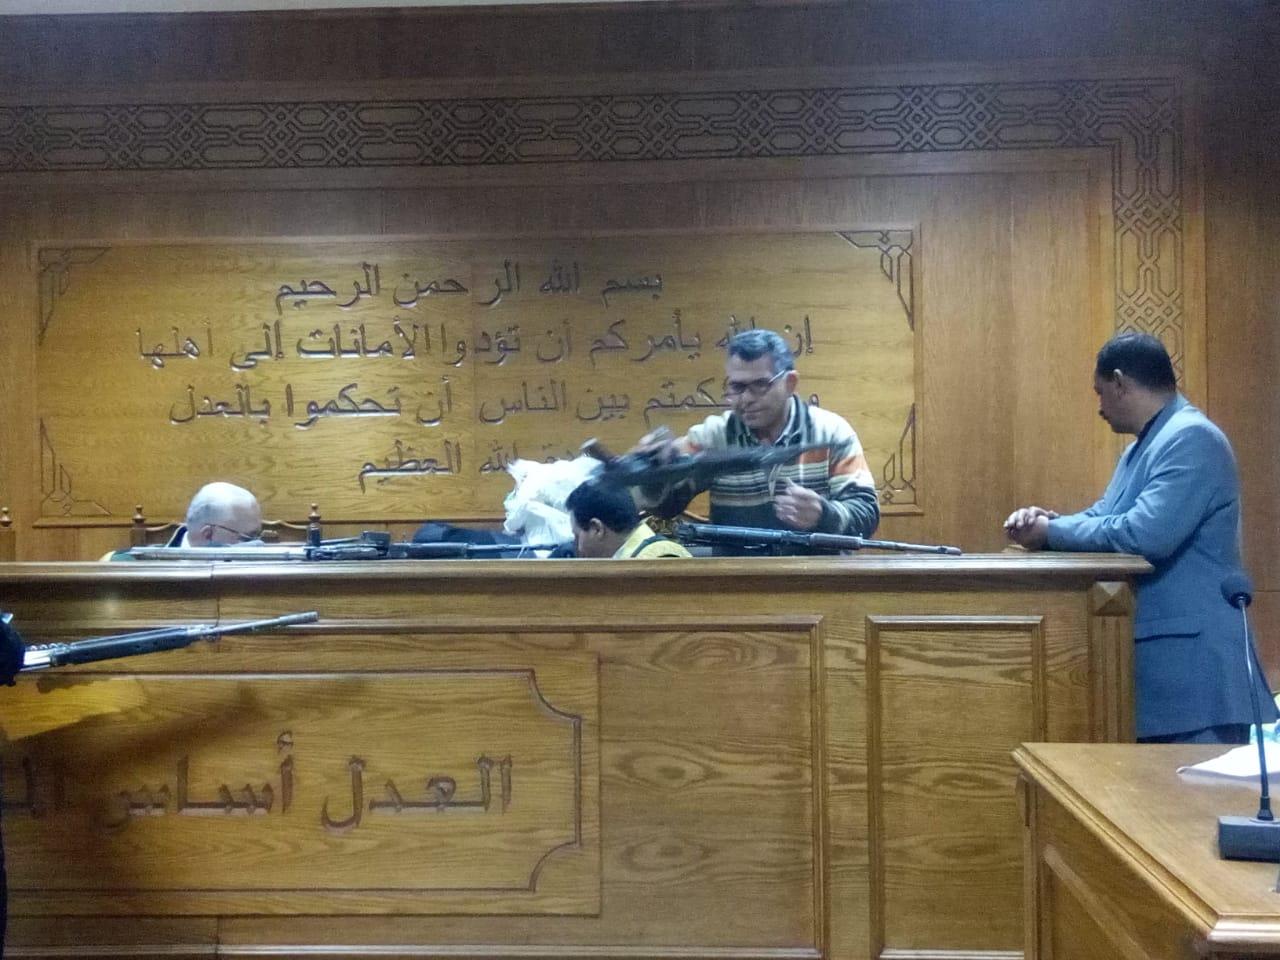 هيئة المحكمة برئاسة المستشار محمد سعيد الشربينى تفض احراز العائدون من ليبيا (3)